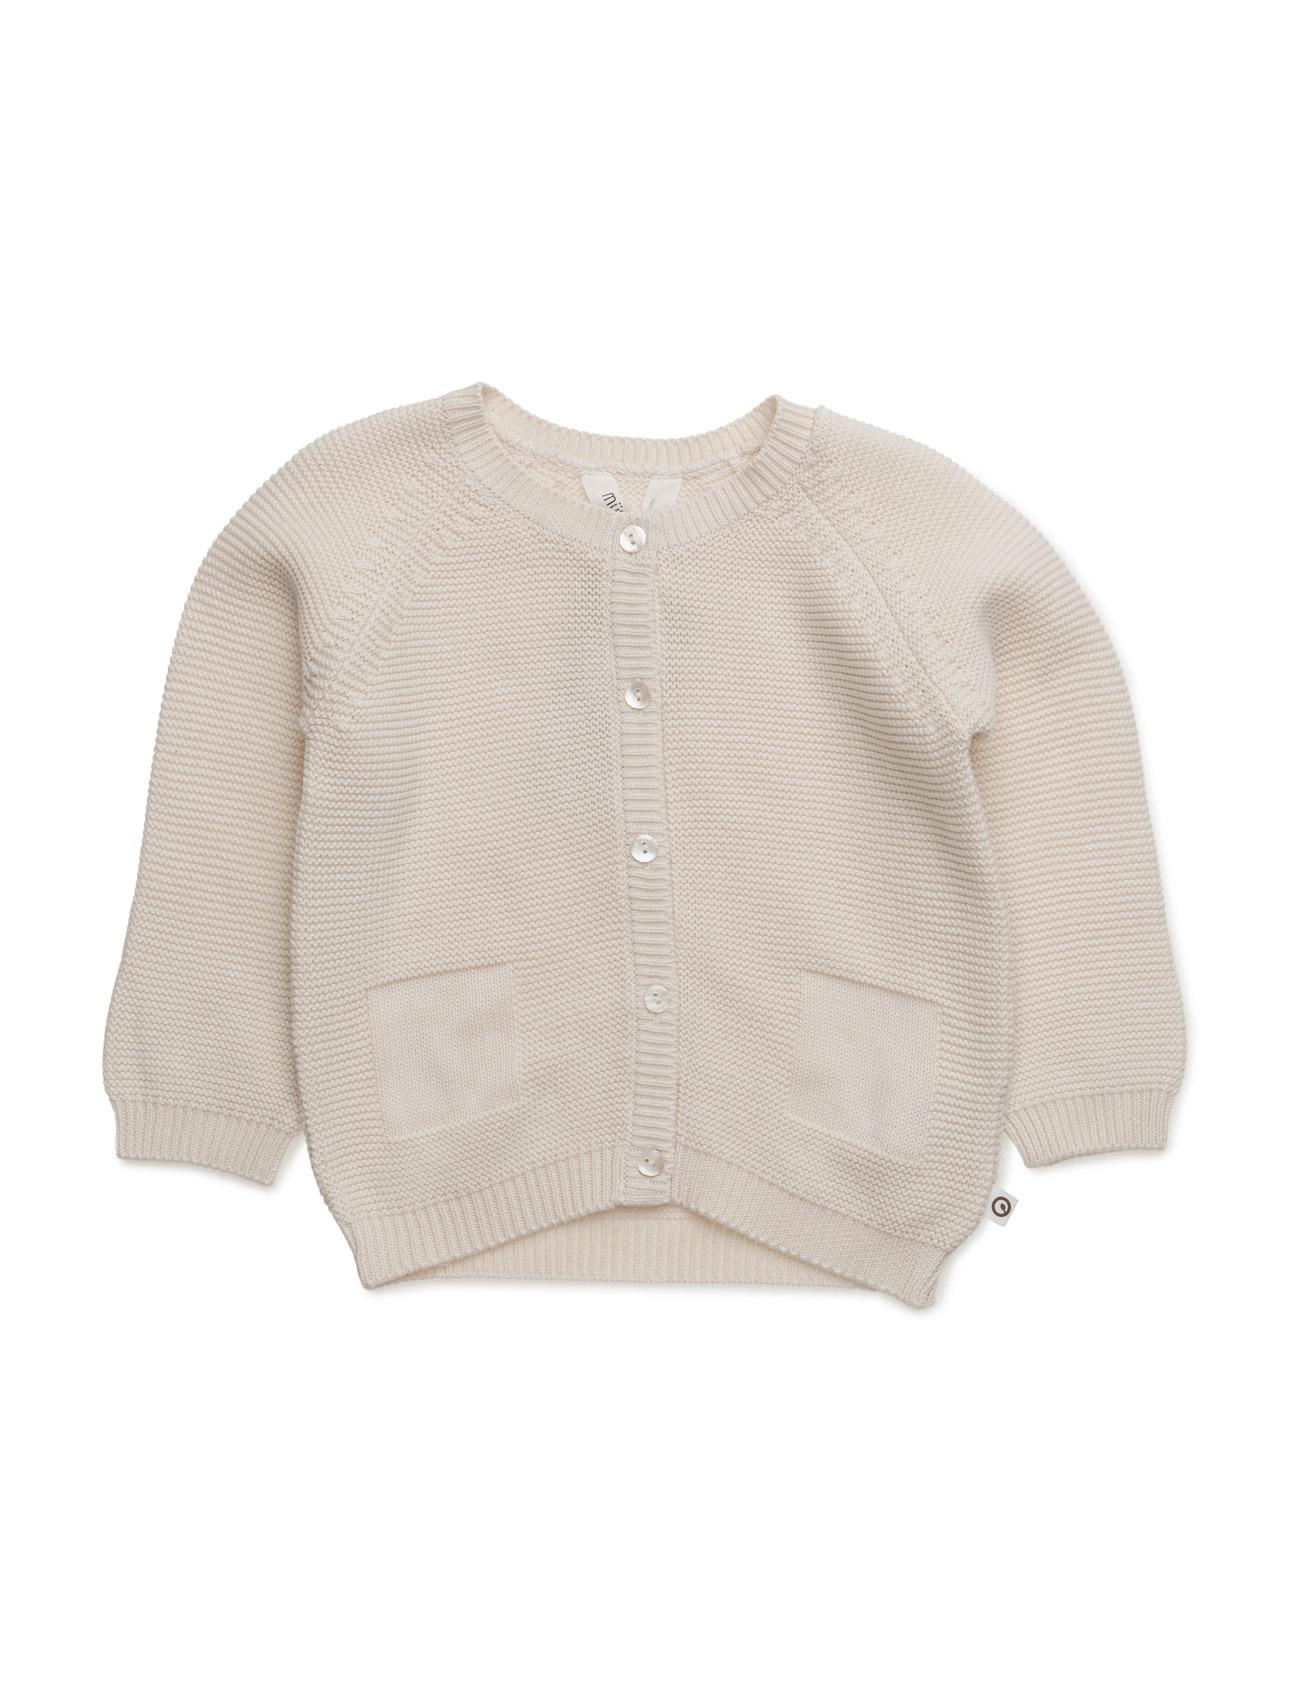 Knit Cardigan Baby MŸsli by Green Cotton  til Børn i Ecru